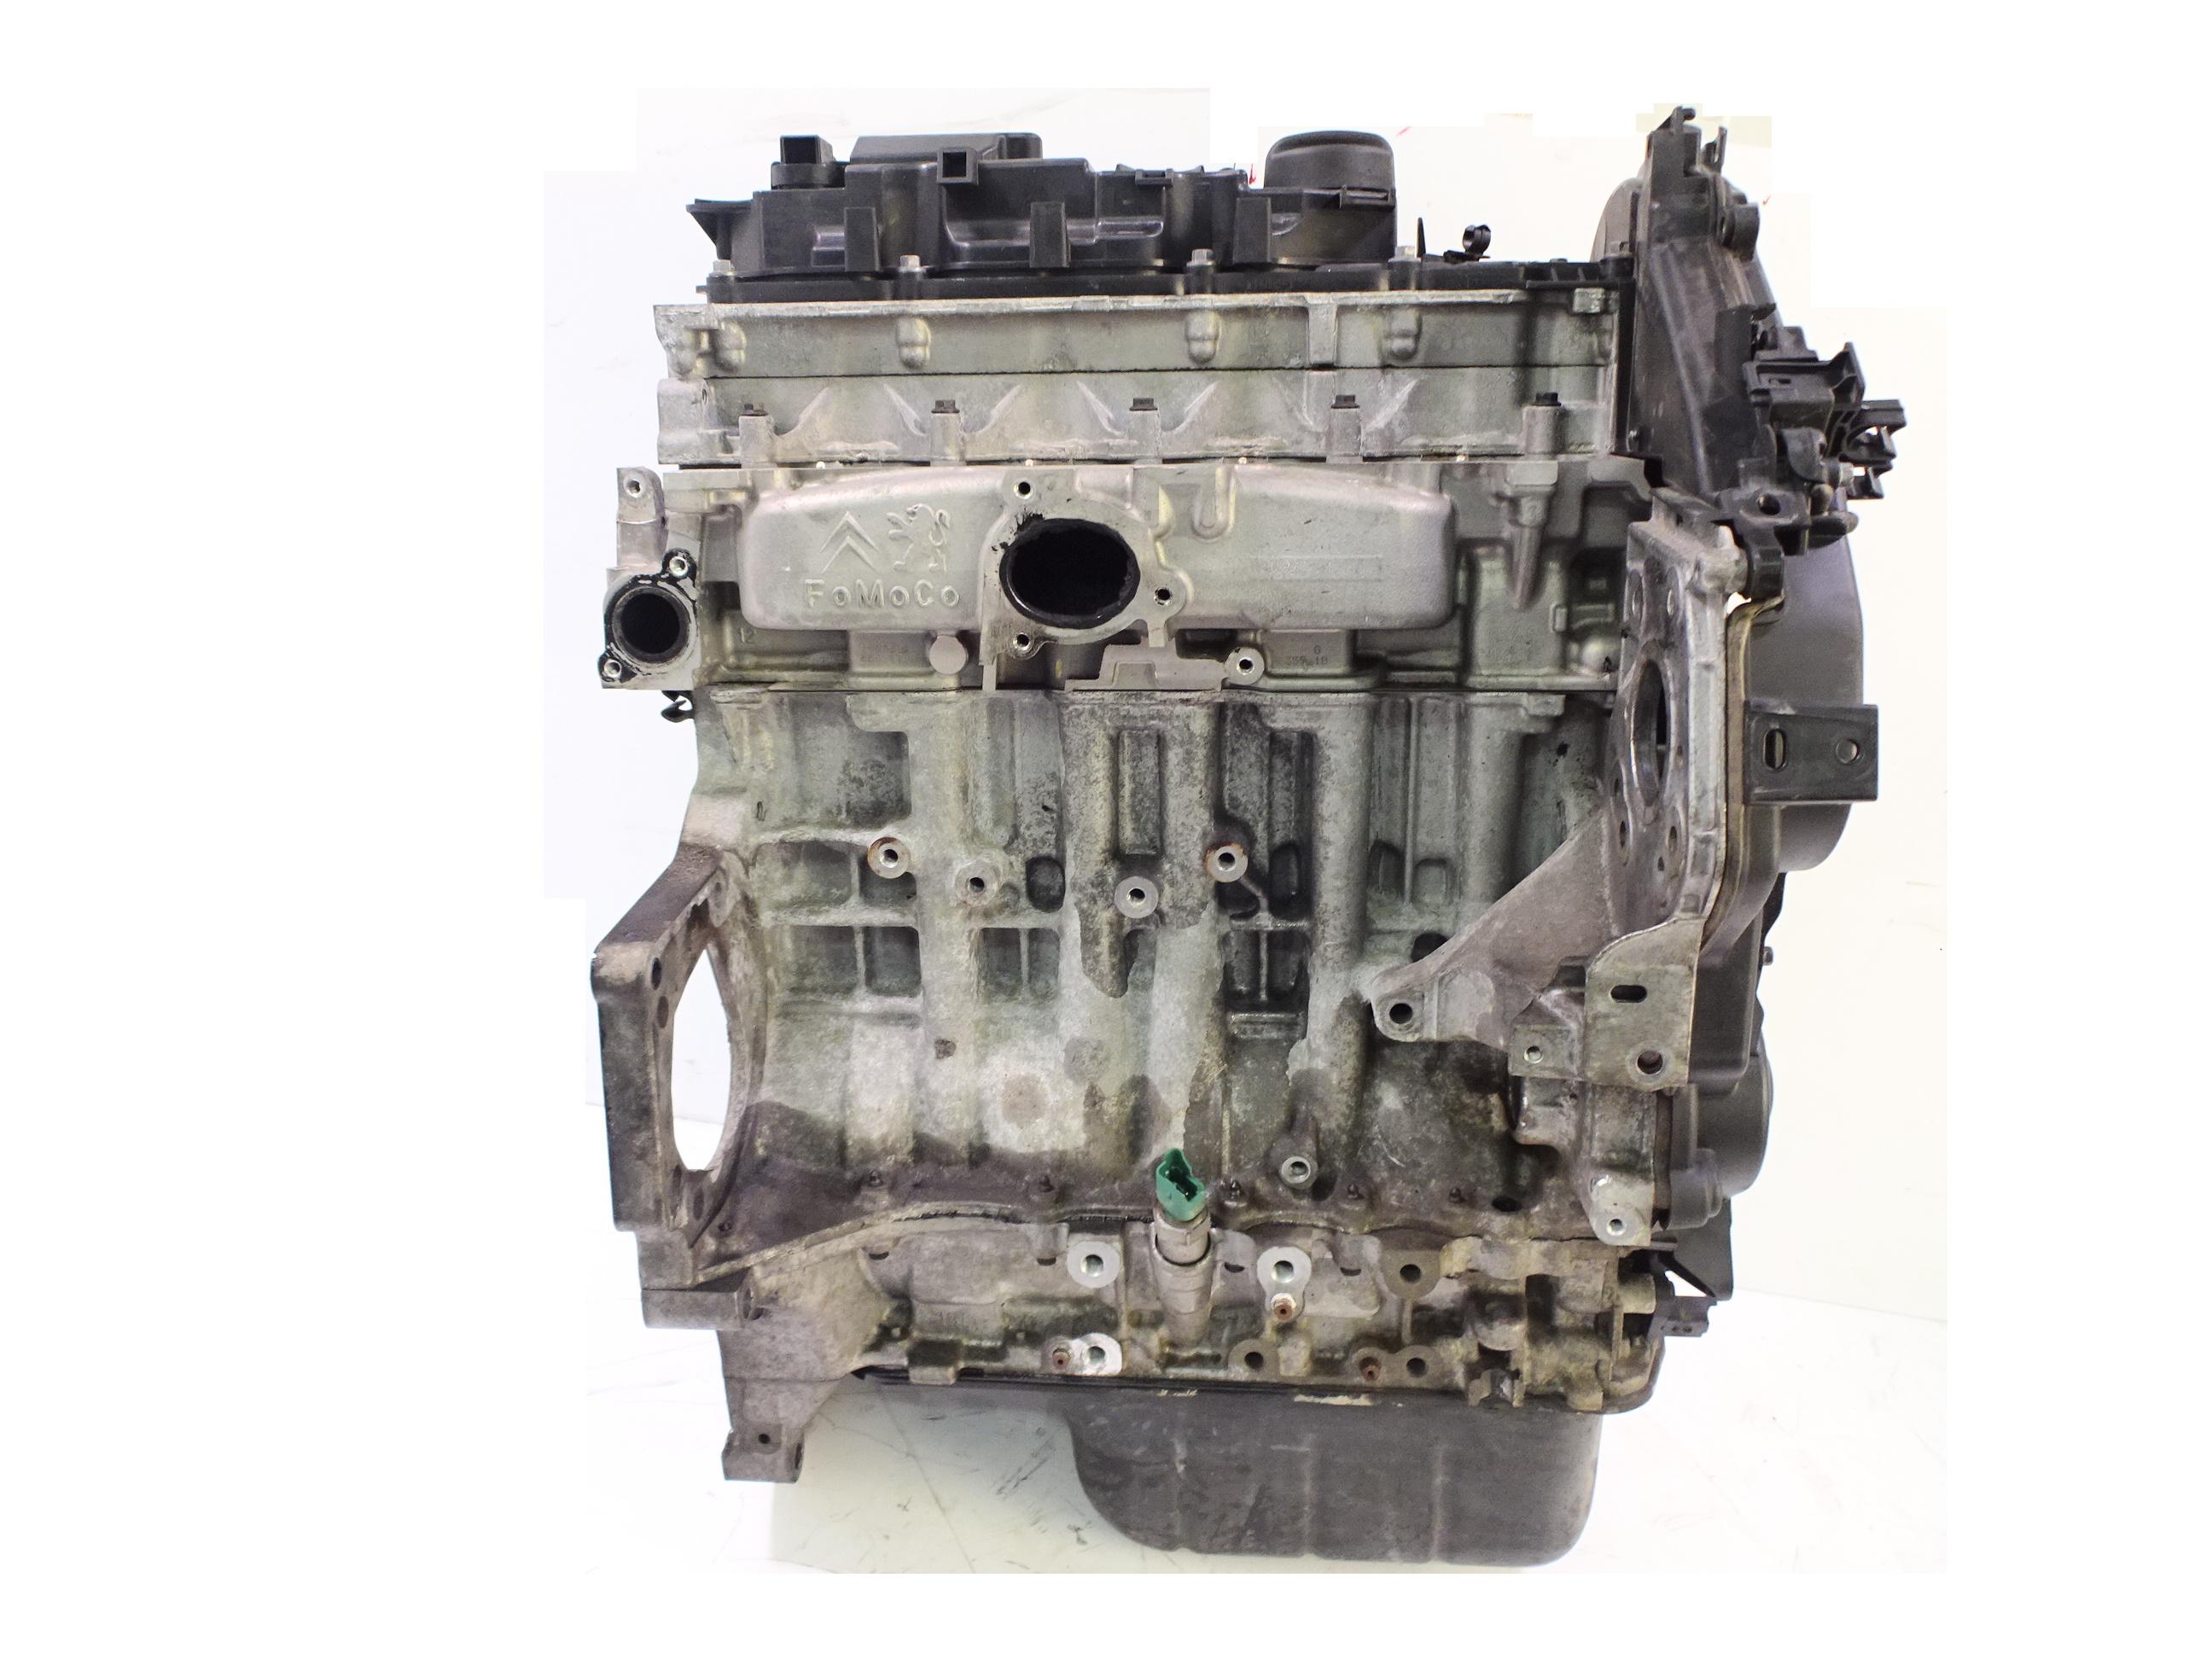 Motor 2012 Ford C-Max Focus Grand C-Max 1,6 TDCi D Diesel T3DA 9H06